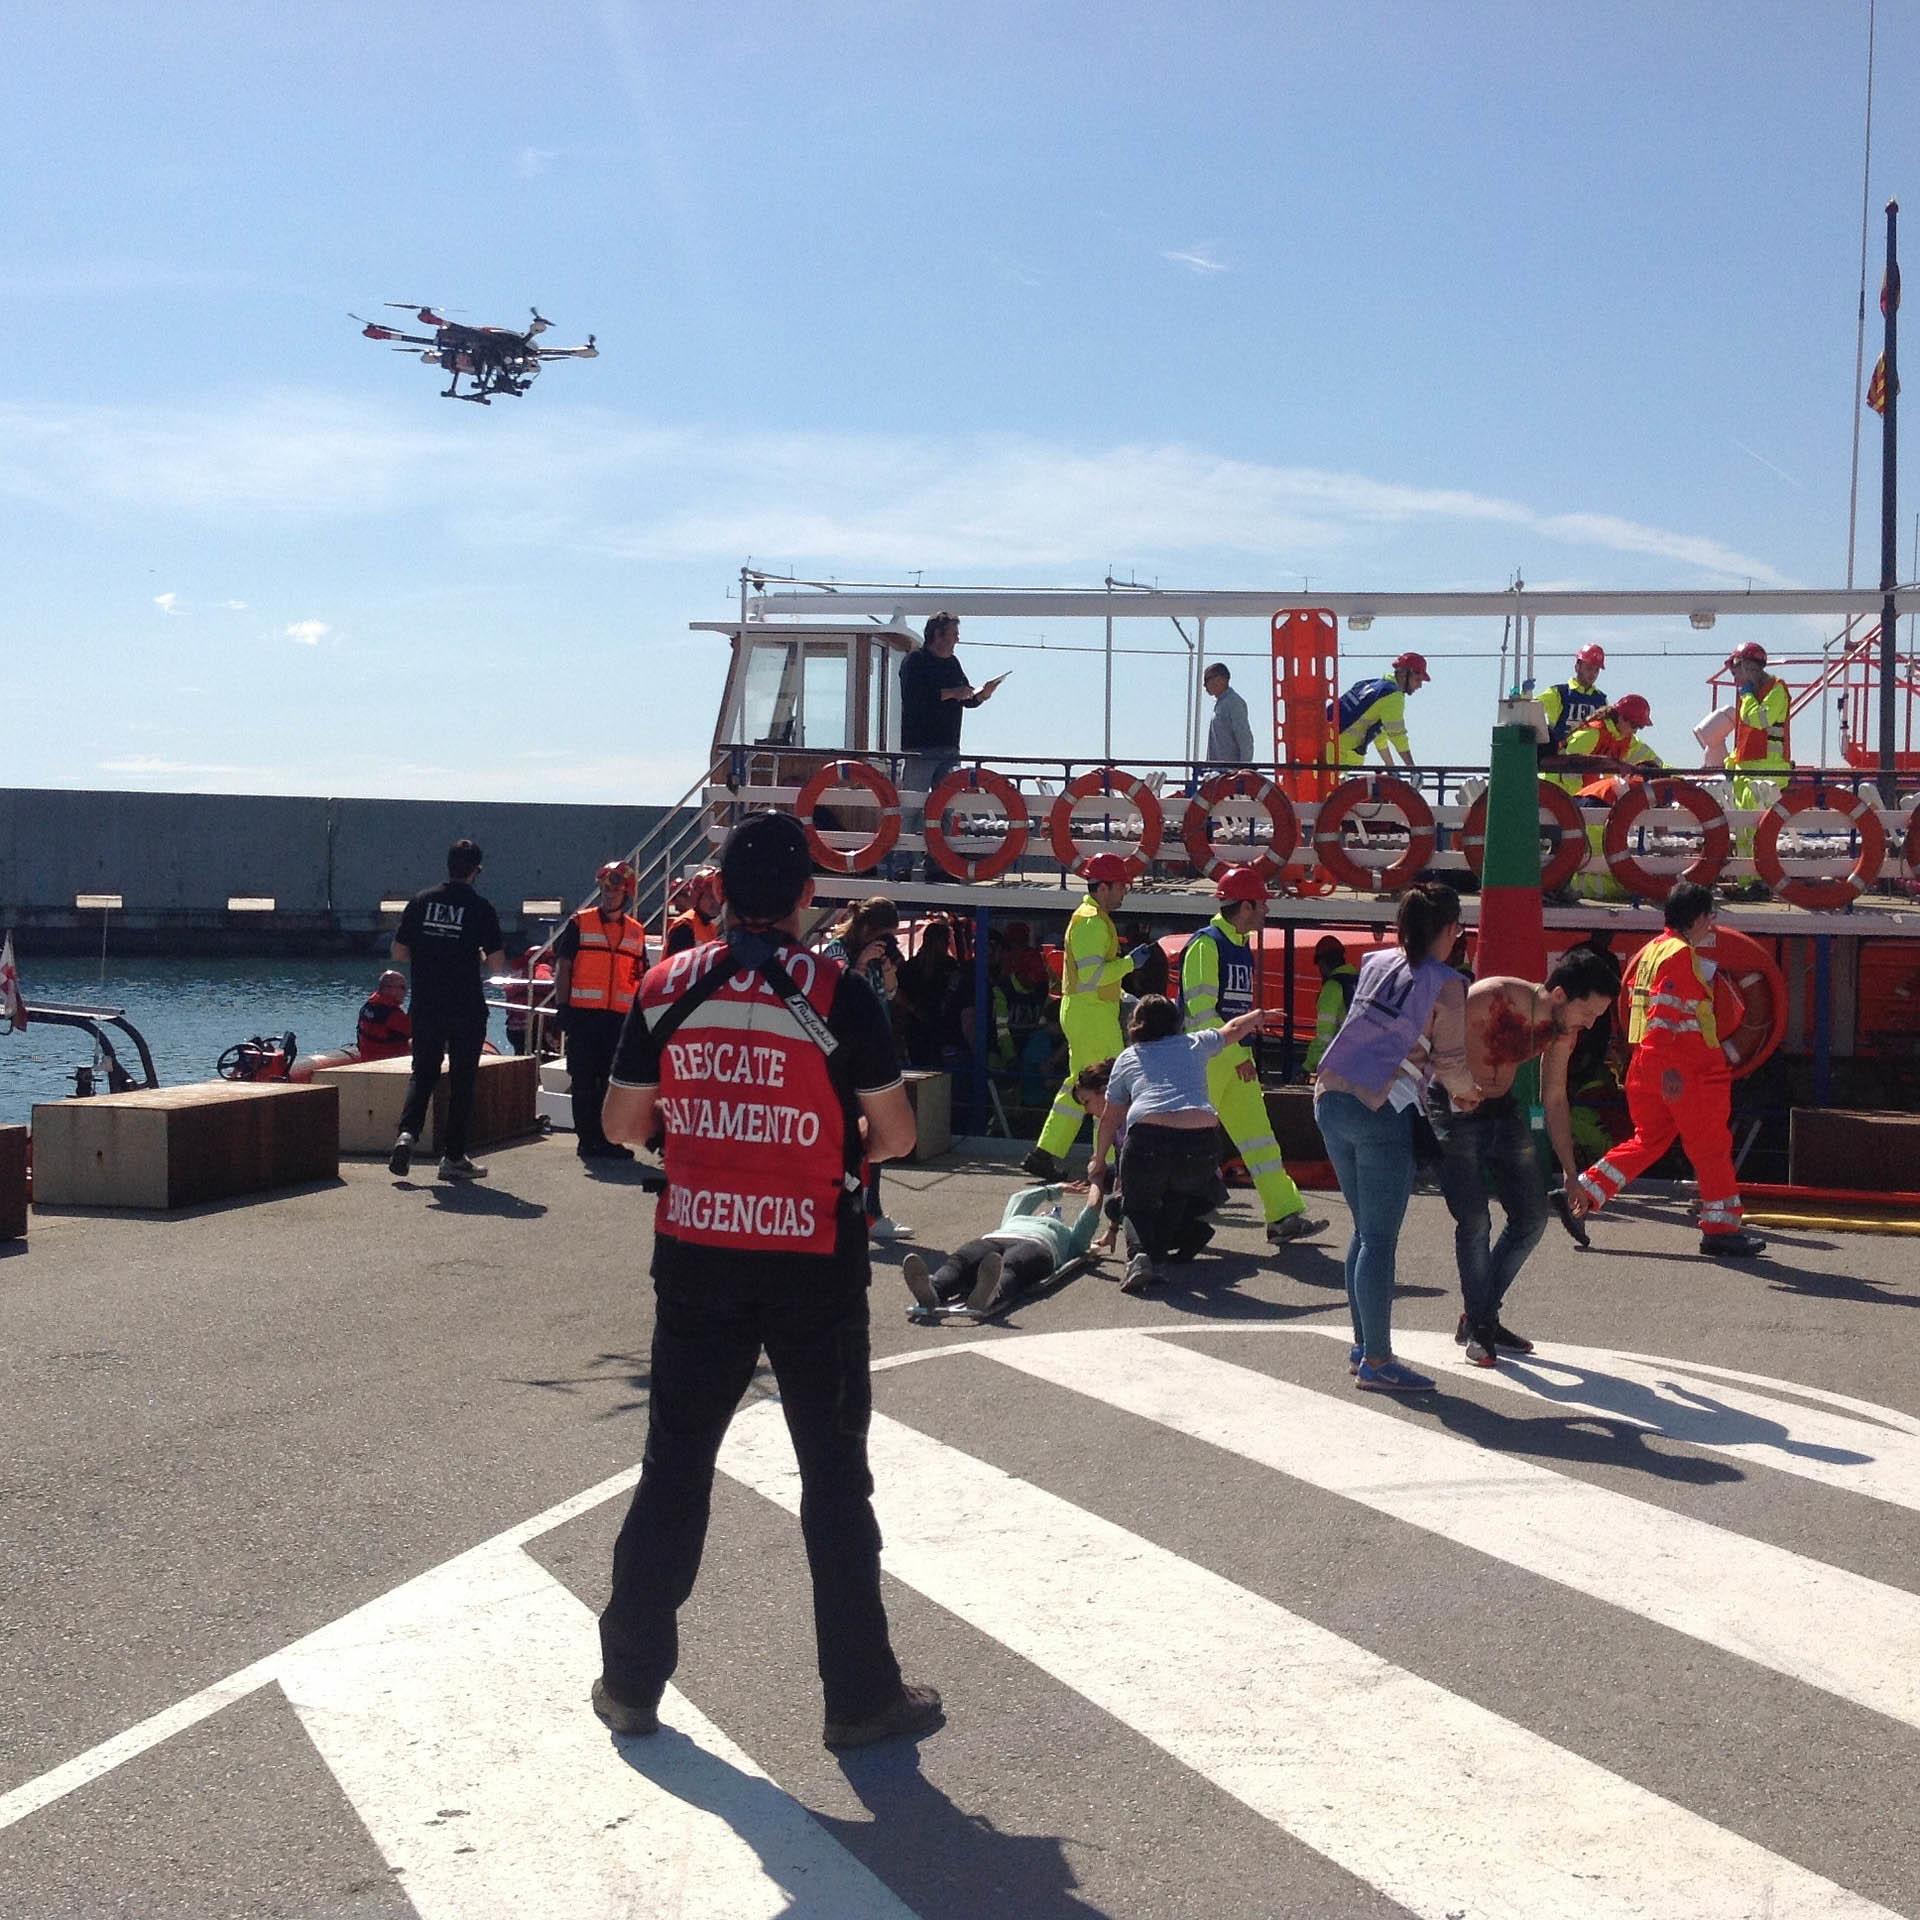 un dron pilotado por los servicios de emergencias en un puerto